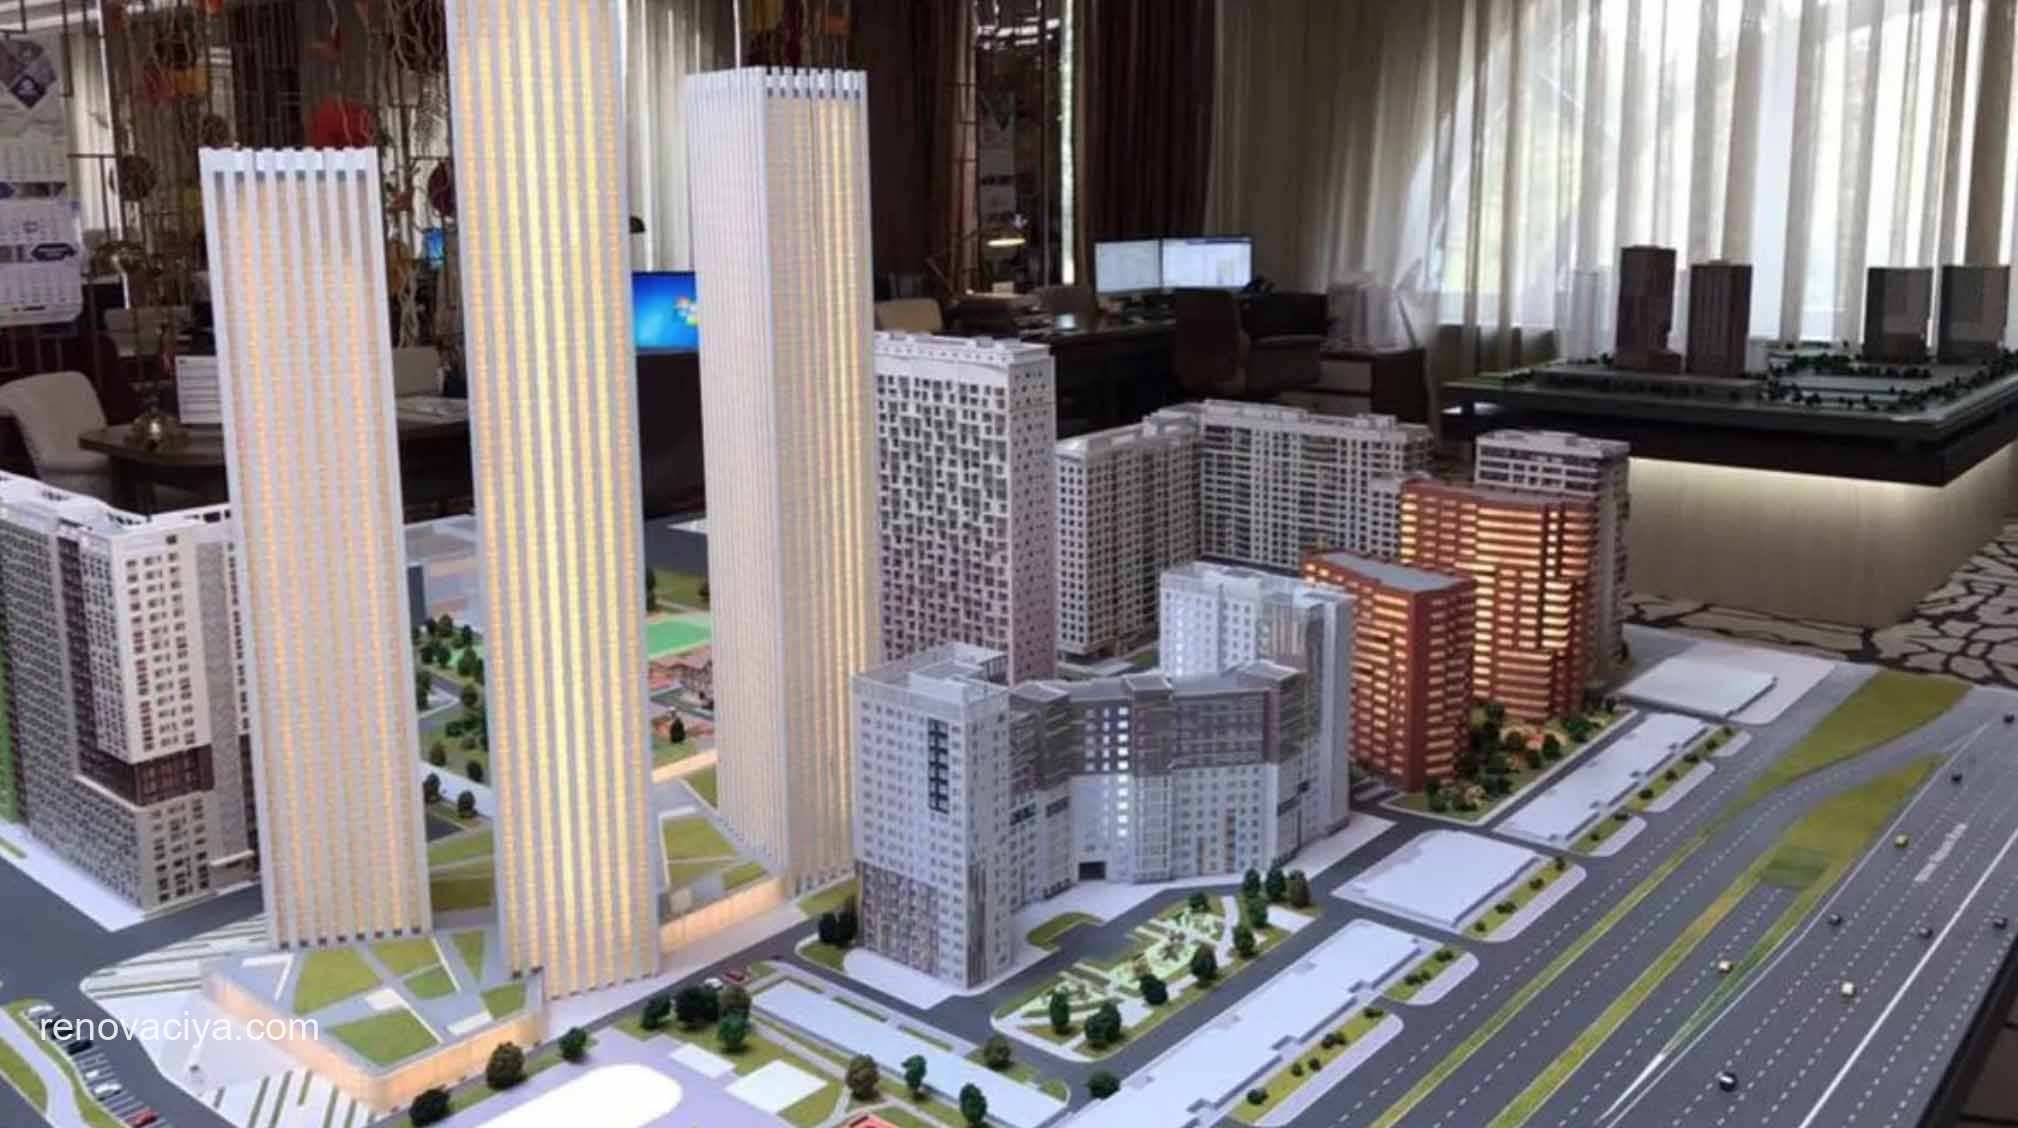 в районе Хорошево-Мневники построят 250 тыс м2 жилья